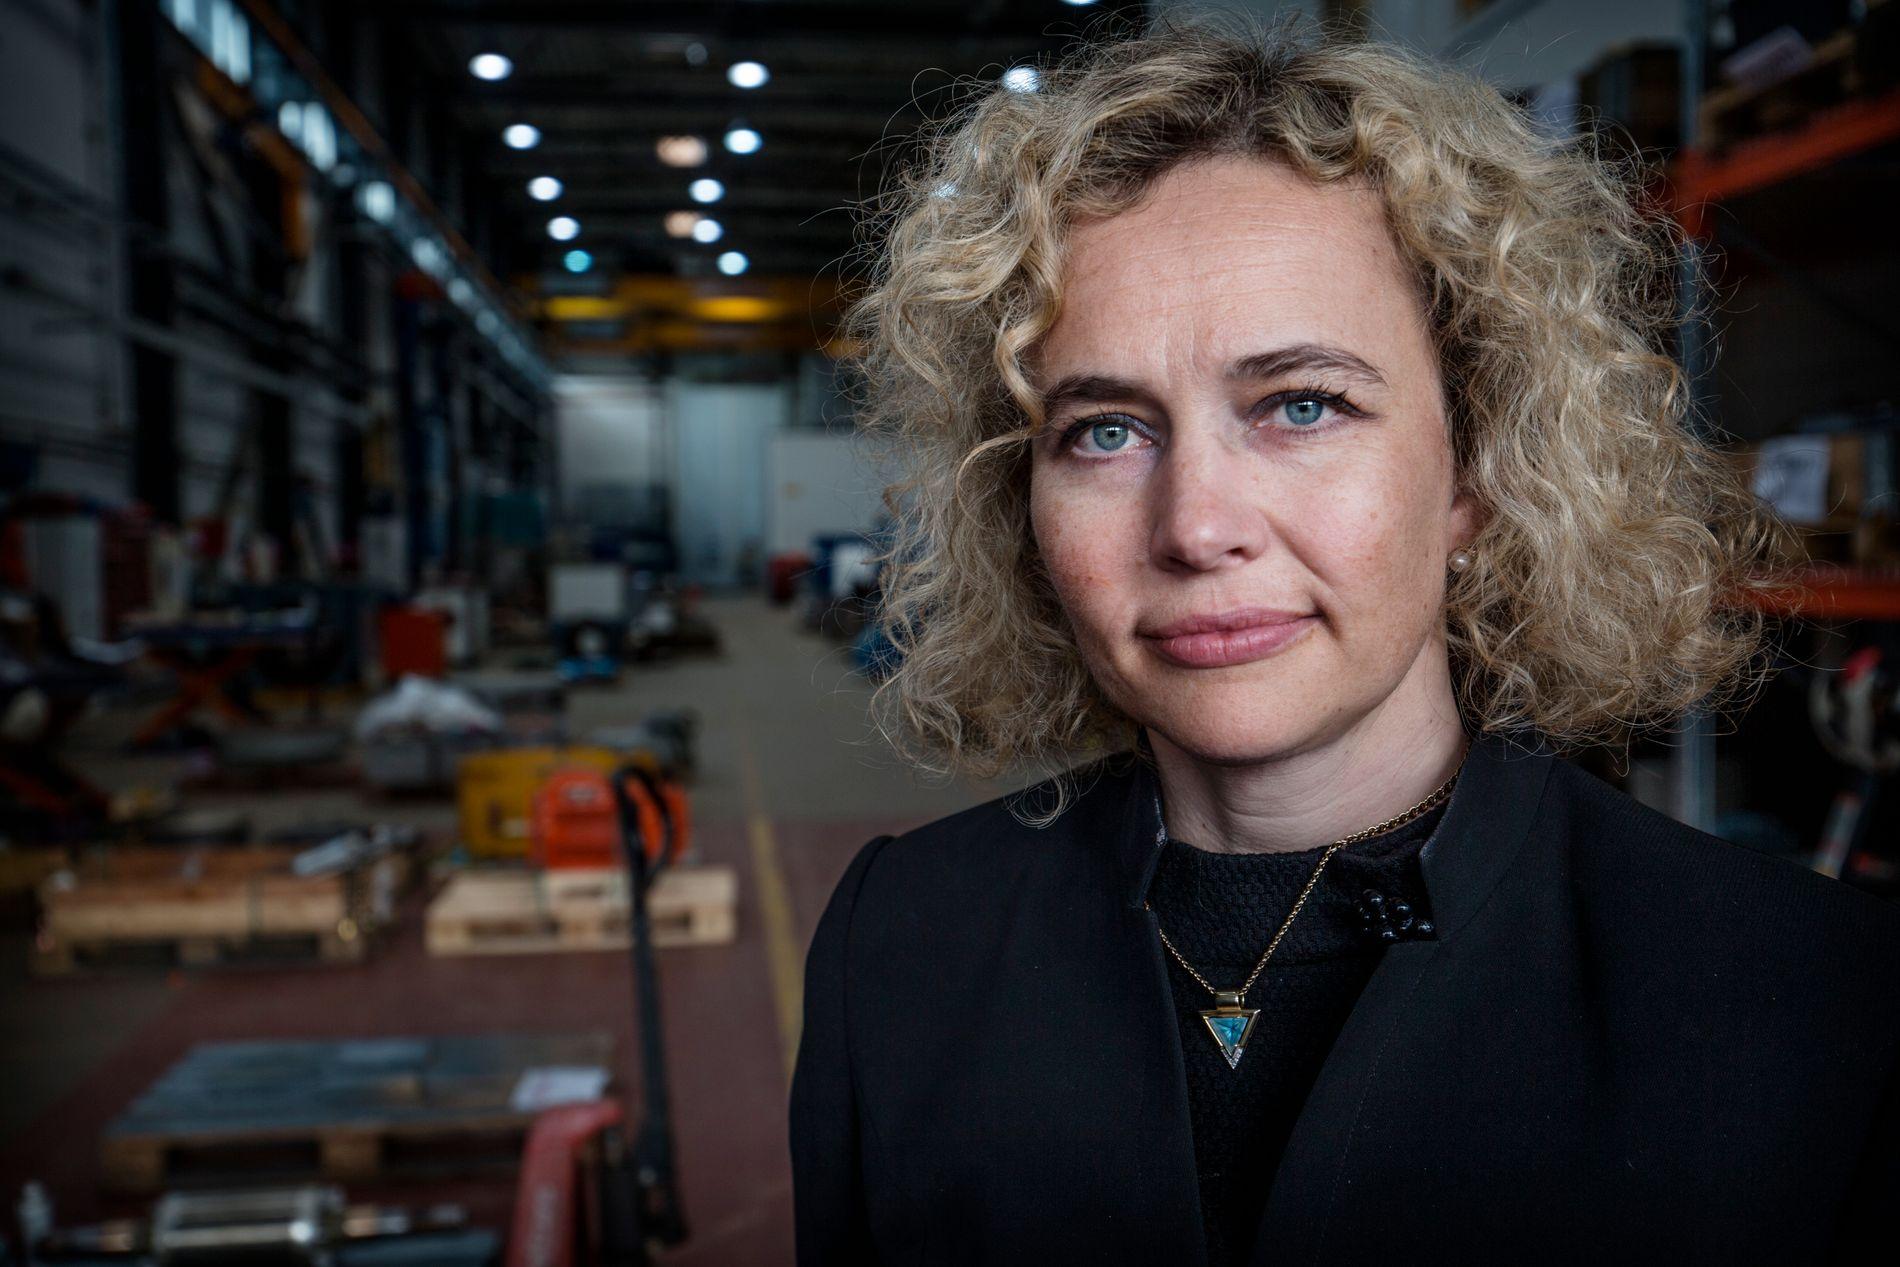 FIKK TUNG BESKJED: - Å miste en ansatt i en ulykke er den verste beskjeden man kan få, sier Linn Cecilie Moholt i Karsten Moholt AS.